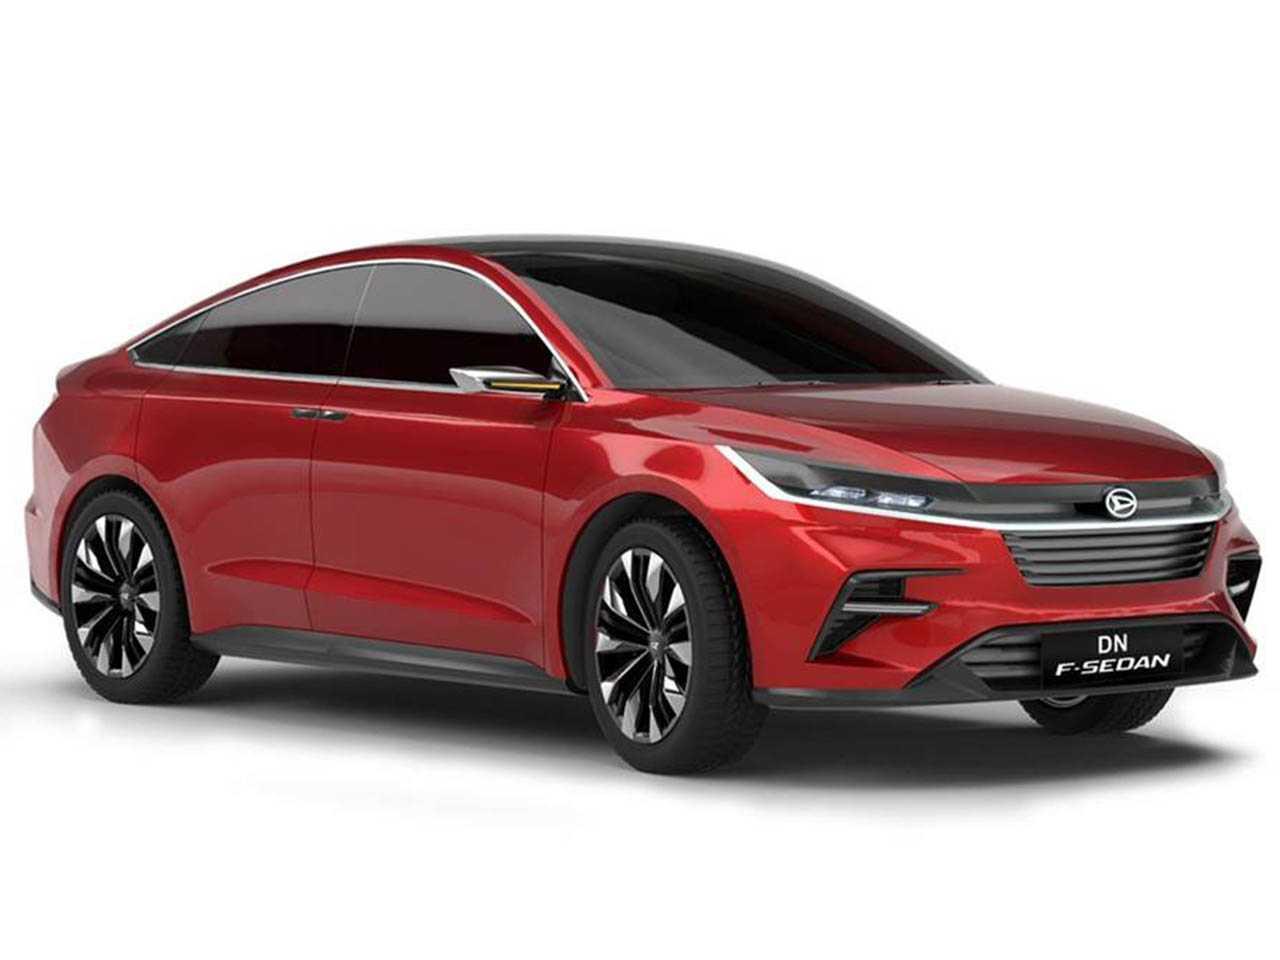 Datsun DN-F Sedan: plataforma DNGA será a base para a próxima geração do Yaris para mercados emergentes